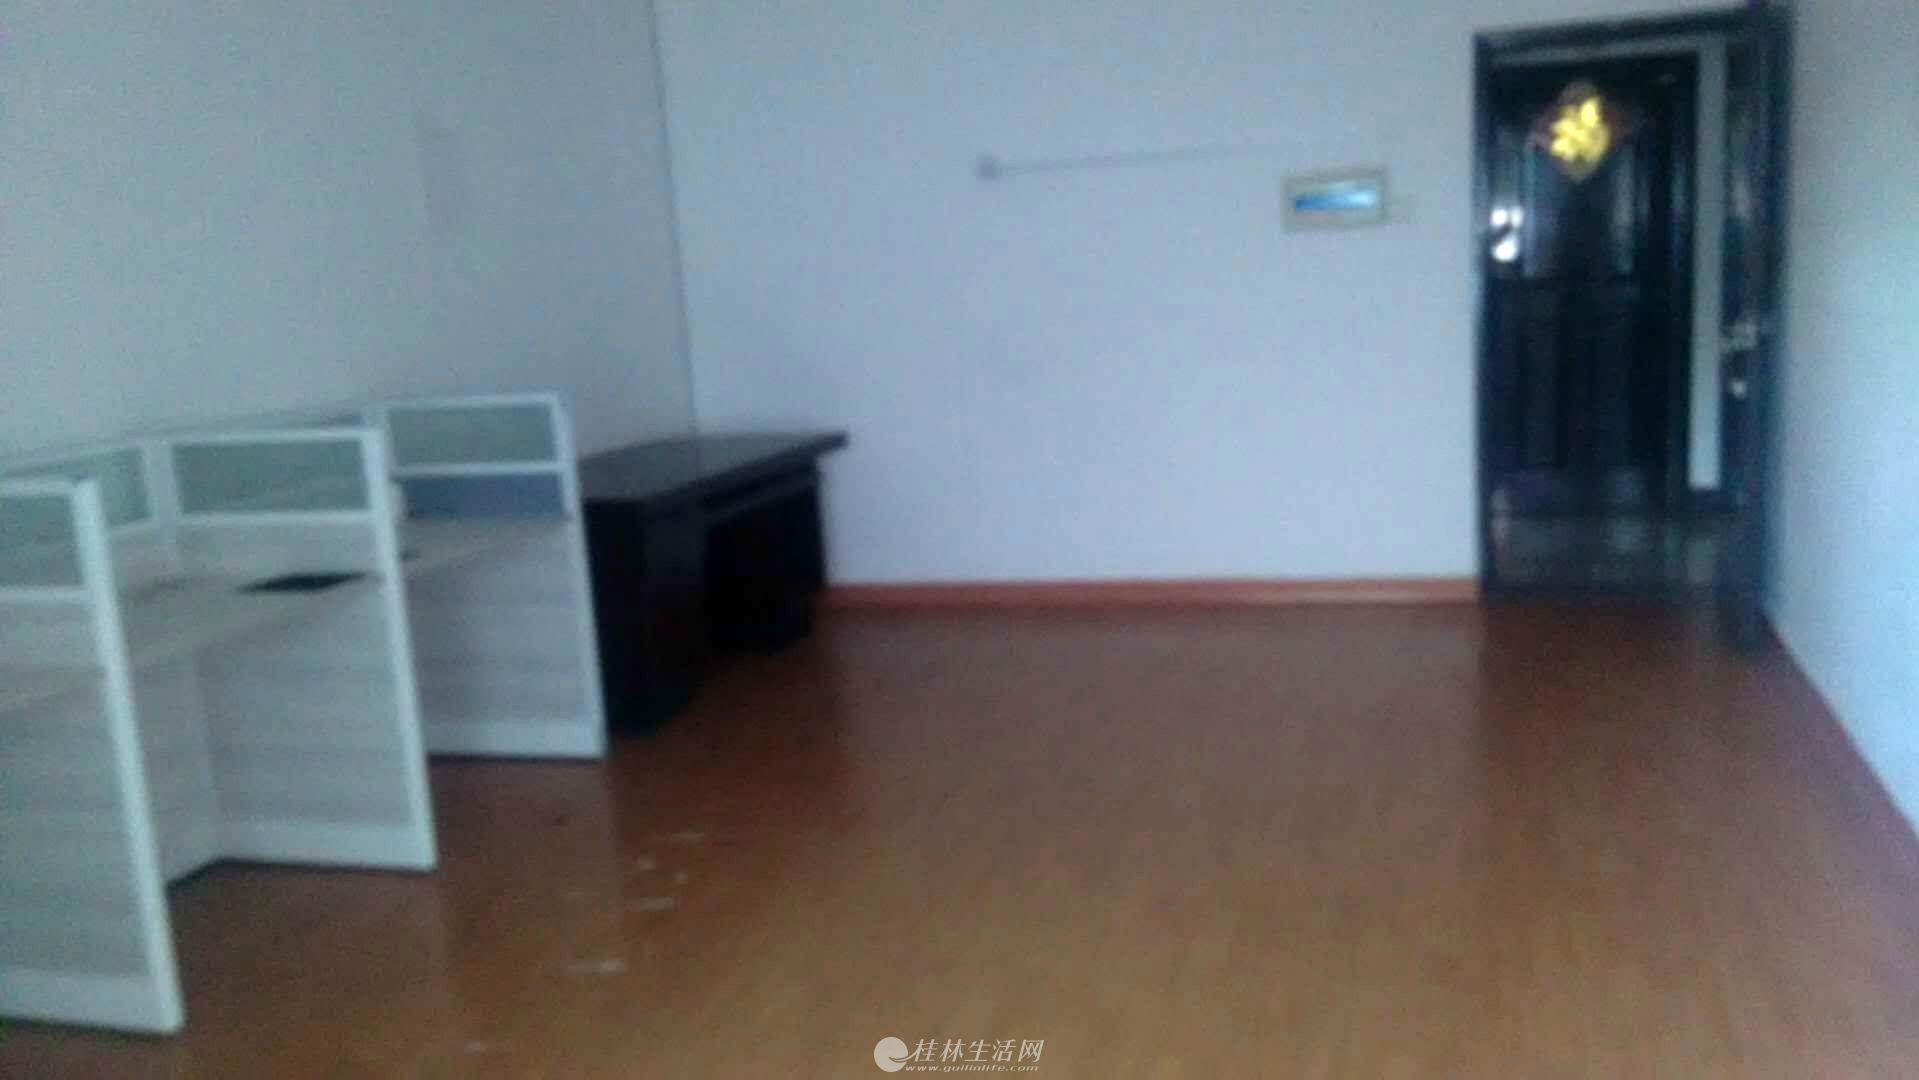 办公室出租 阳光商务楼中山中路西城路对面,电梯4楼大单间配套,空调办公桌椅 800元月